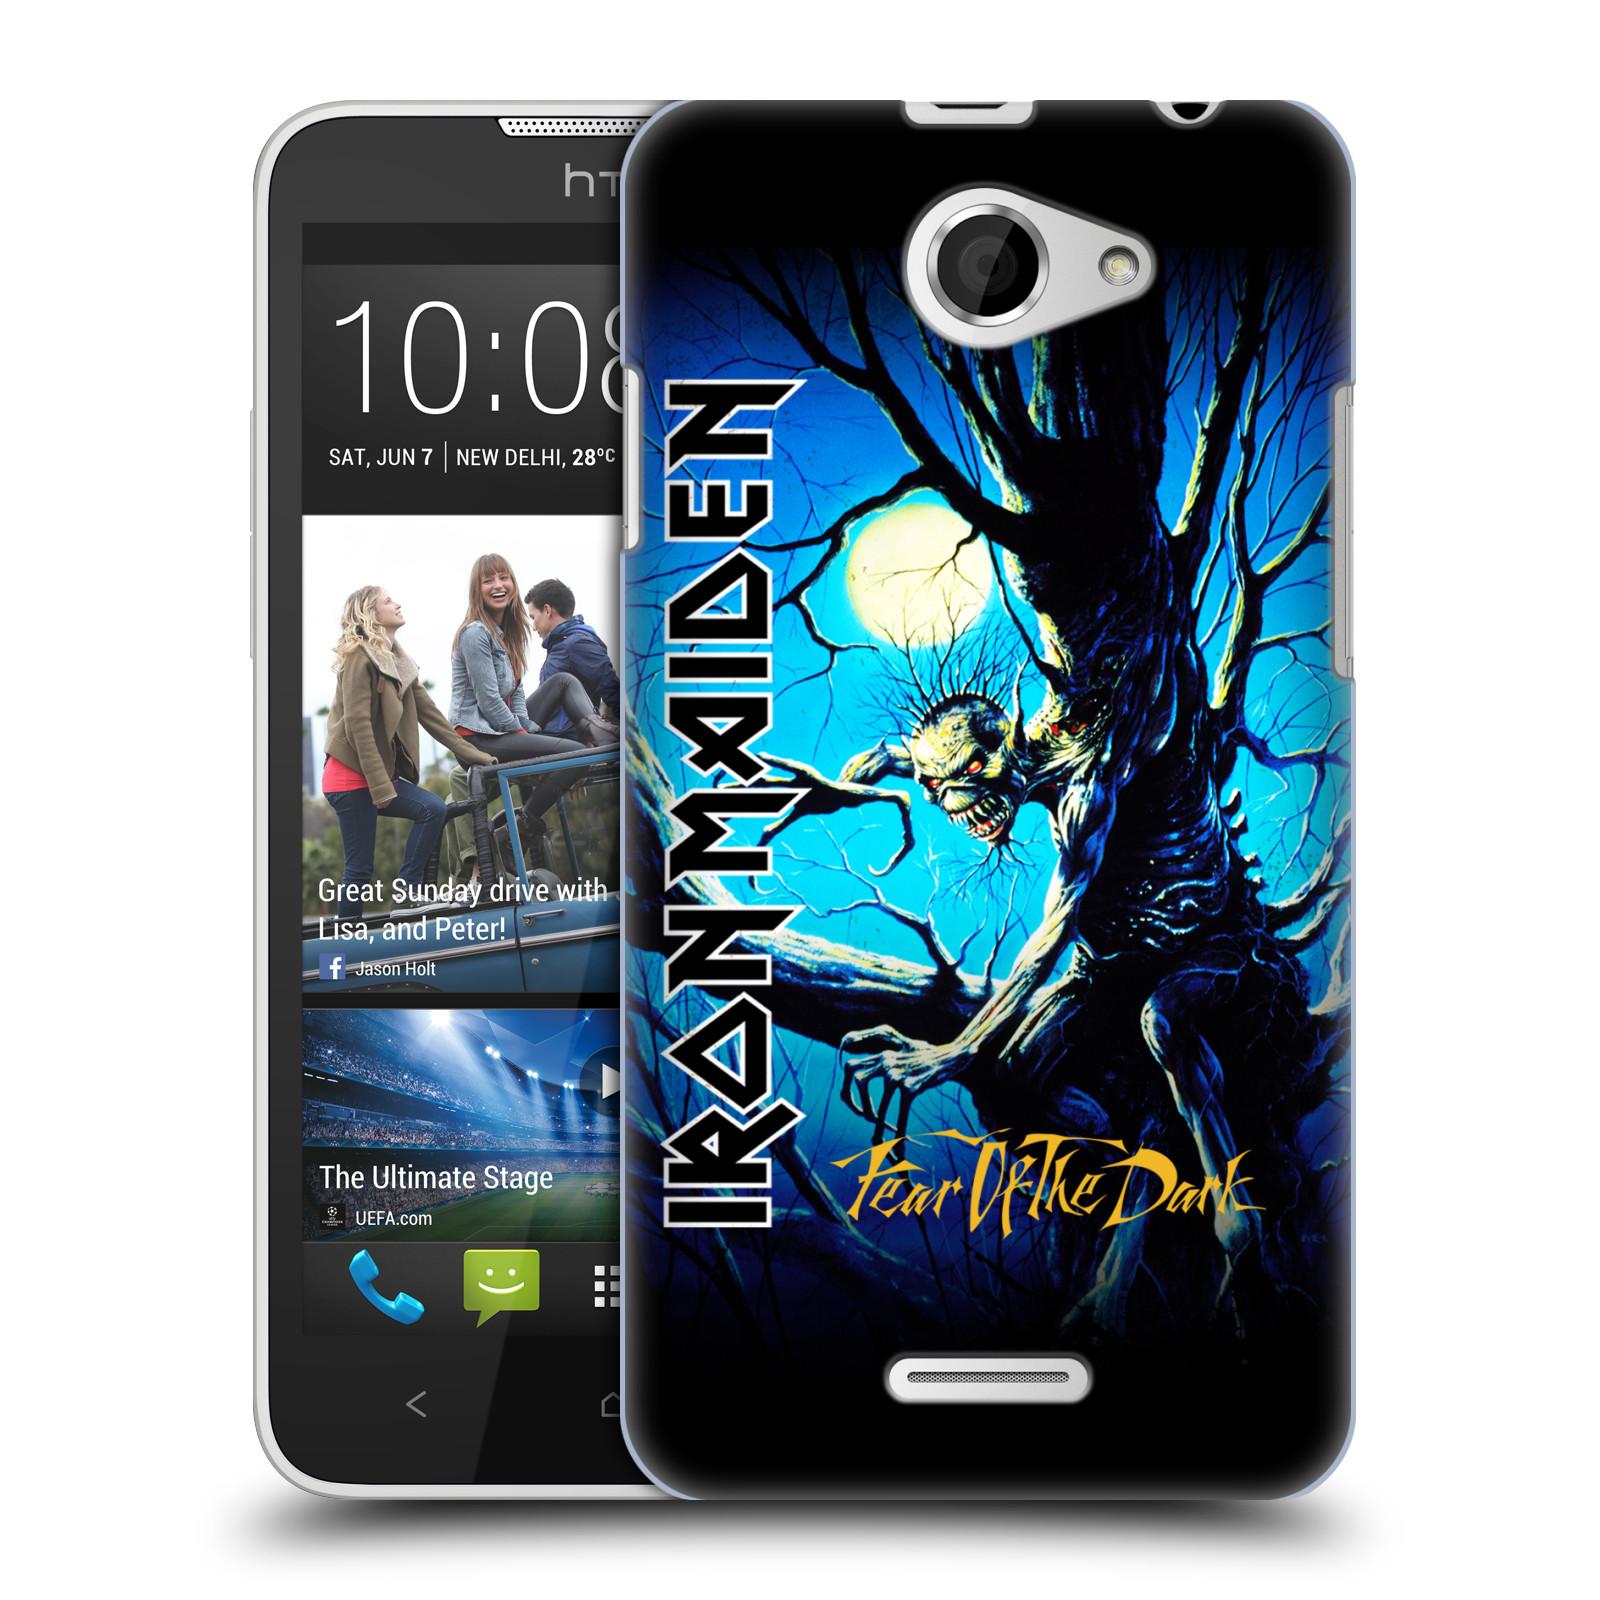 Plastové pouzdro na mobil HTC Desire 516 HEAD CASE - Iron Maiden - Fear Of The Dark (Plastový kryt či obal na mobilní telefon s licencovaným motivem Iron Maiden HTC Desire 516 Dual SIM)